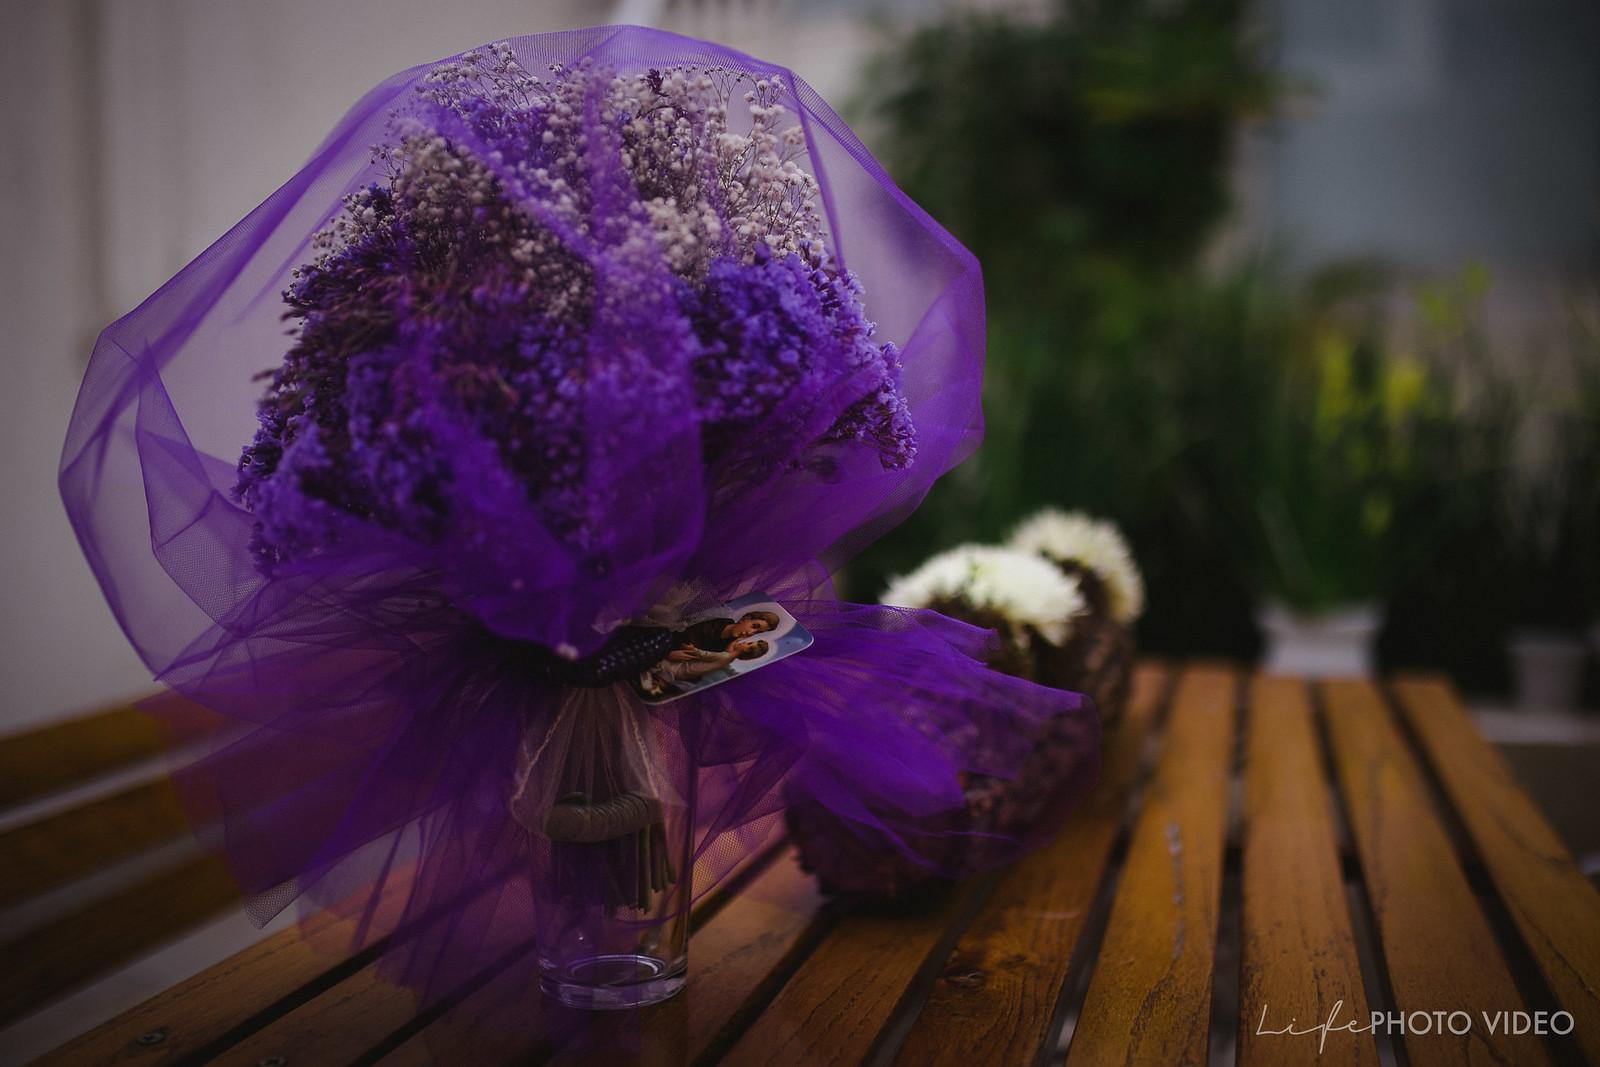 Boda_Leon_Guanajuato_Wedding_0005